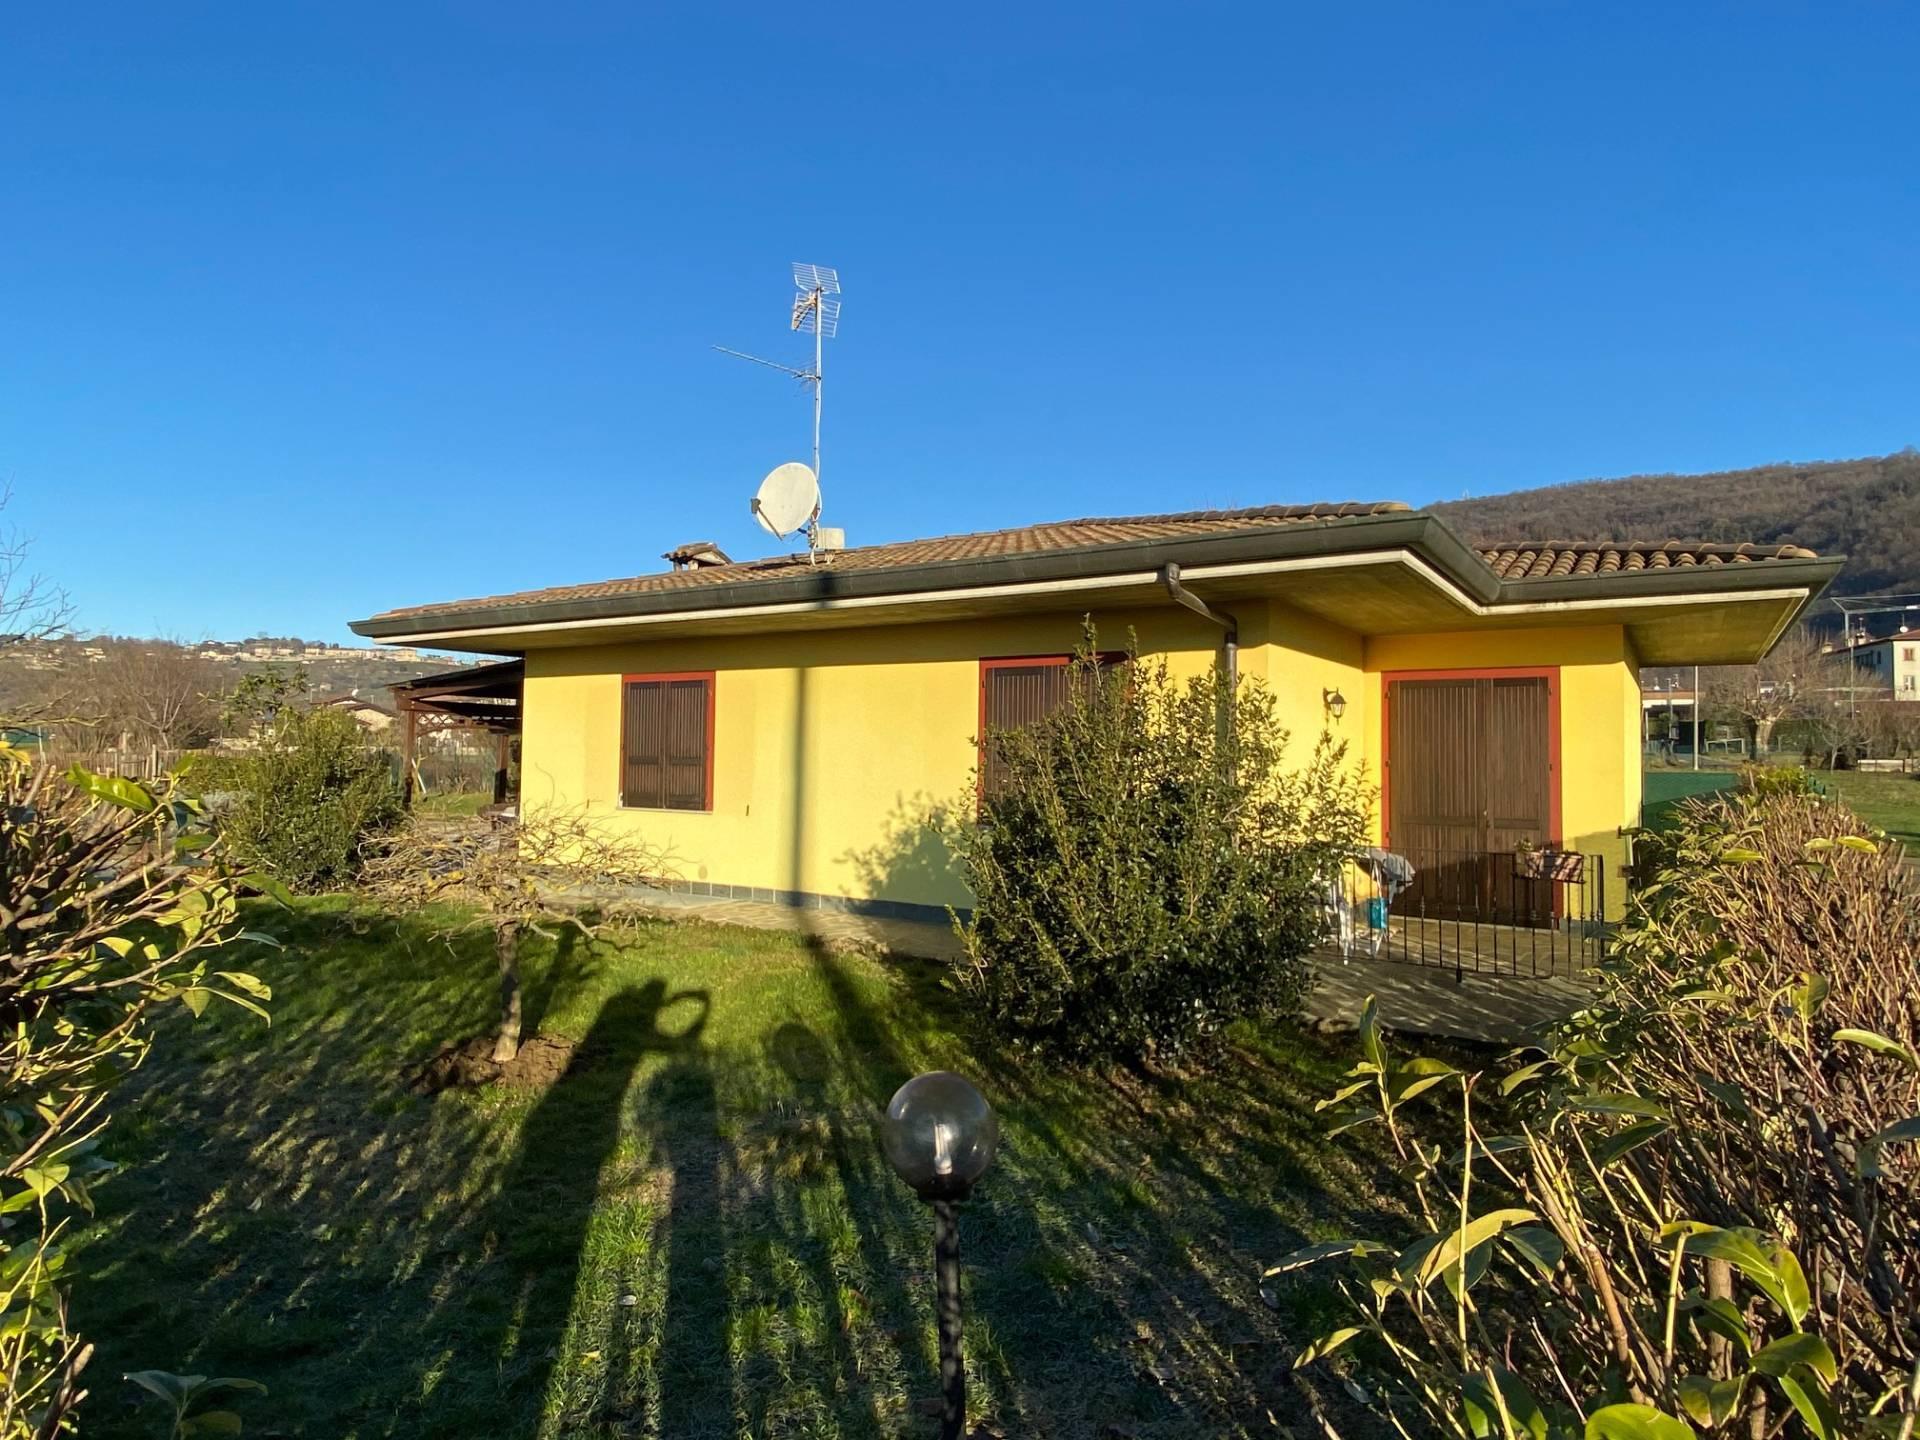 Villa in vendita a Grumello del Monte, 3 locali, Trattative riservate | CambioCasa.it